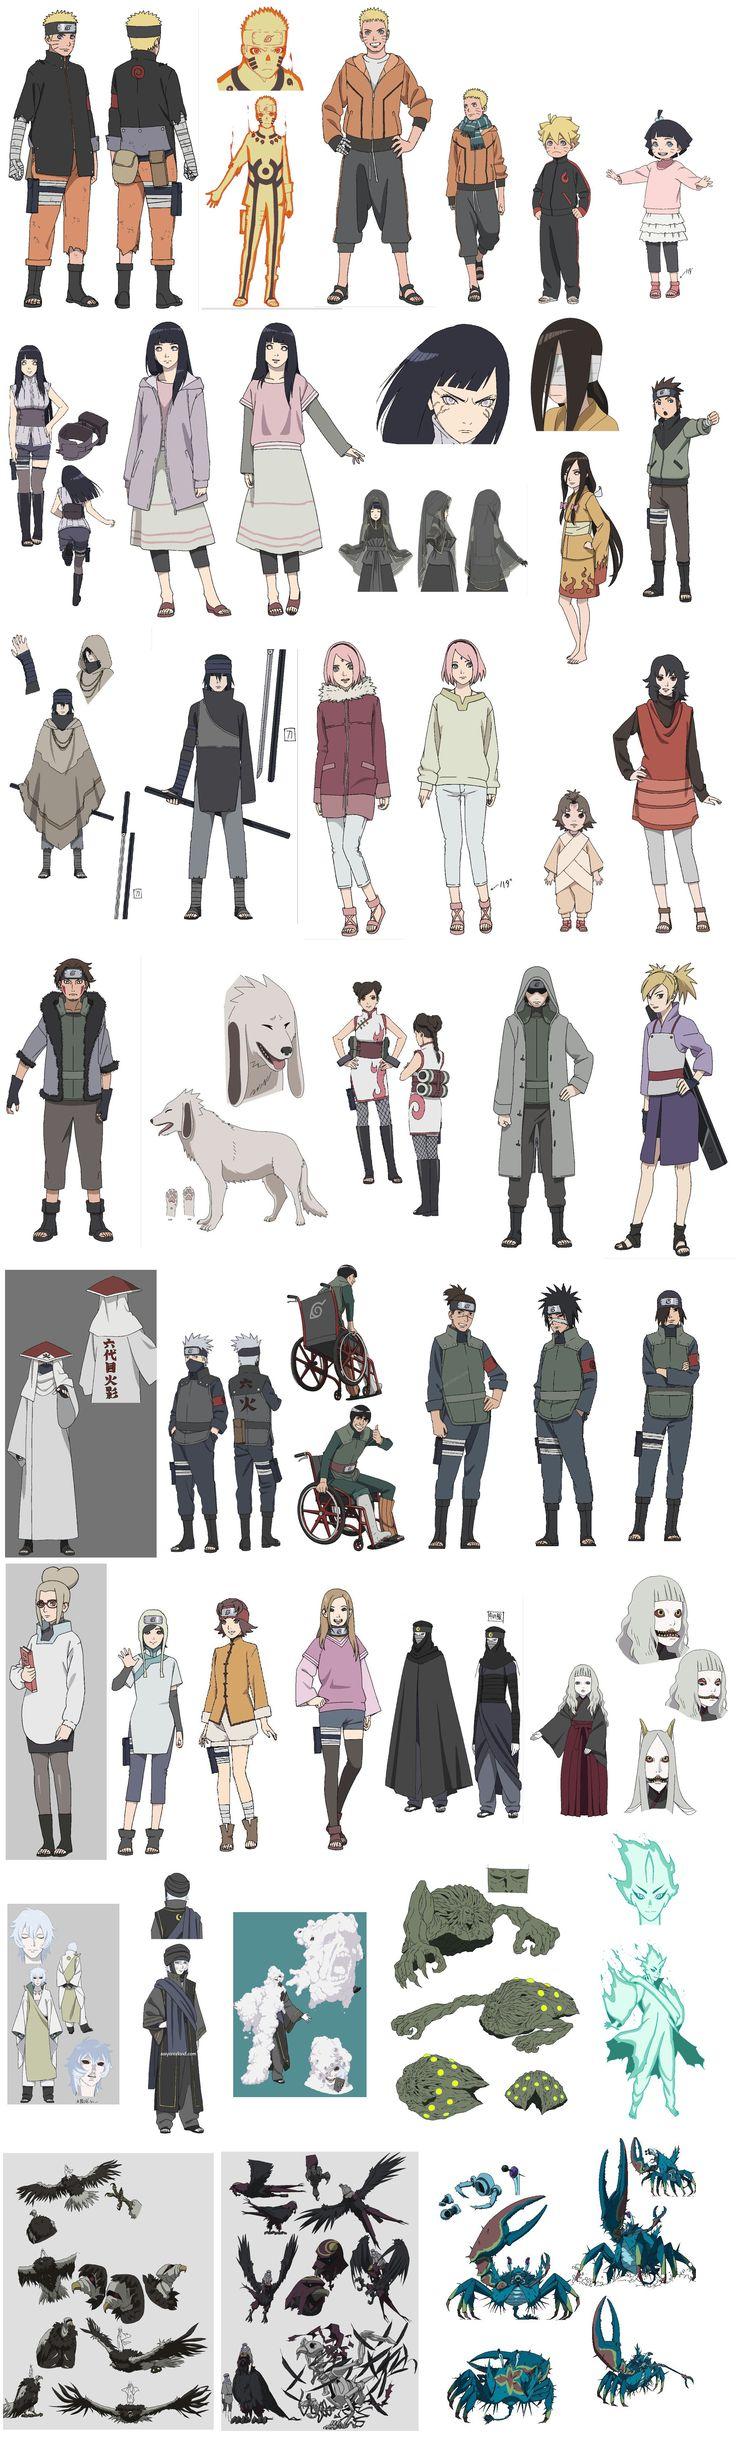 UnconfirmedTheLastNarutotheMovie Naruto the movie